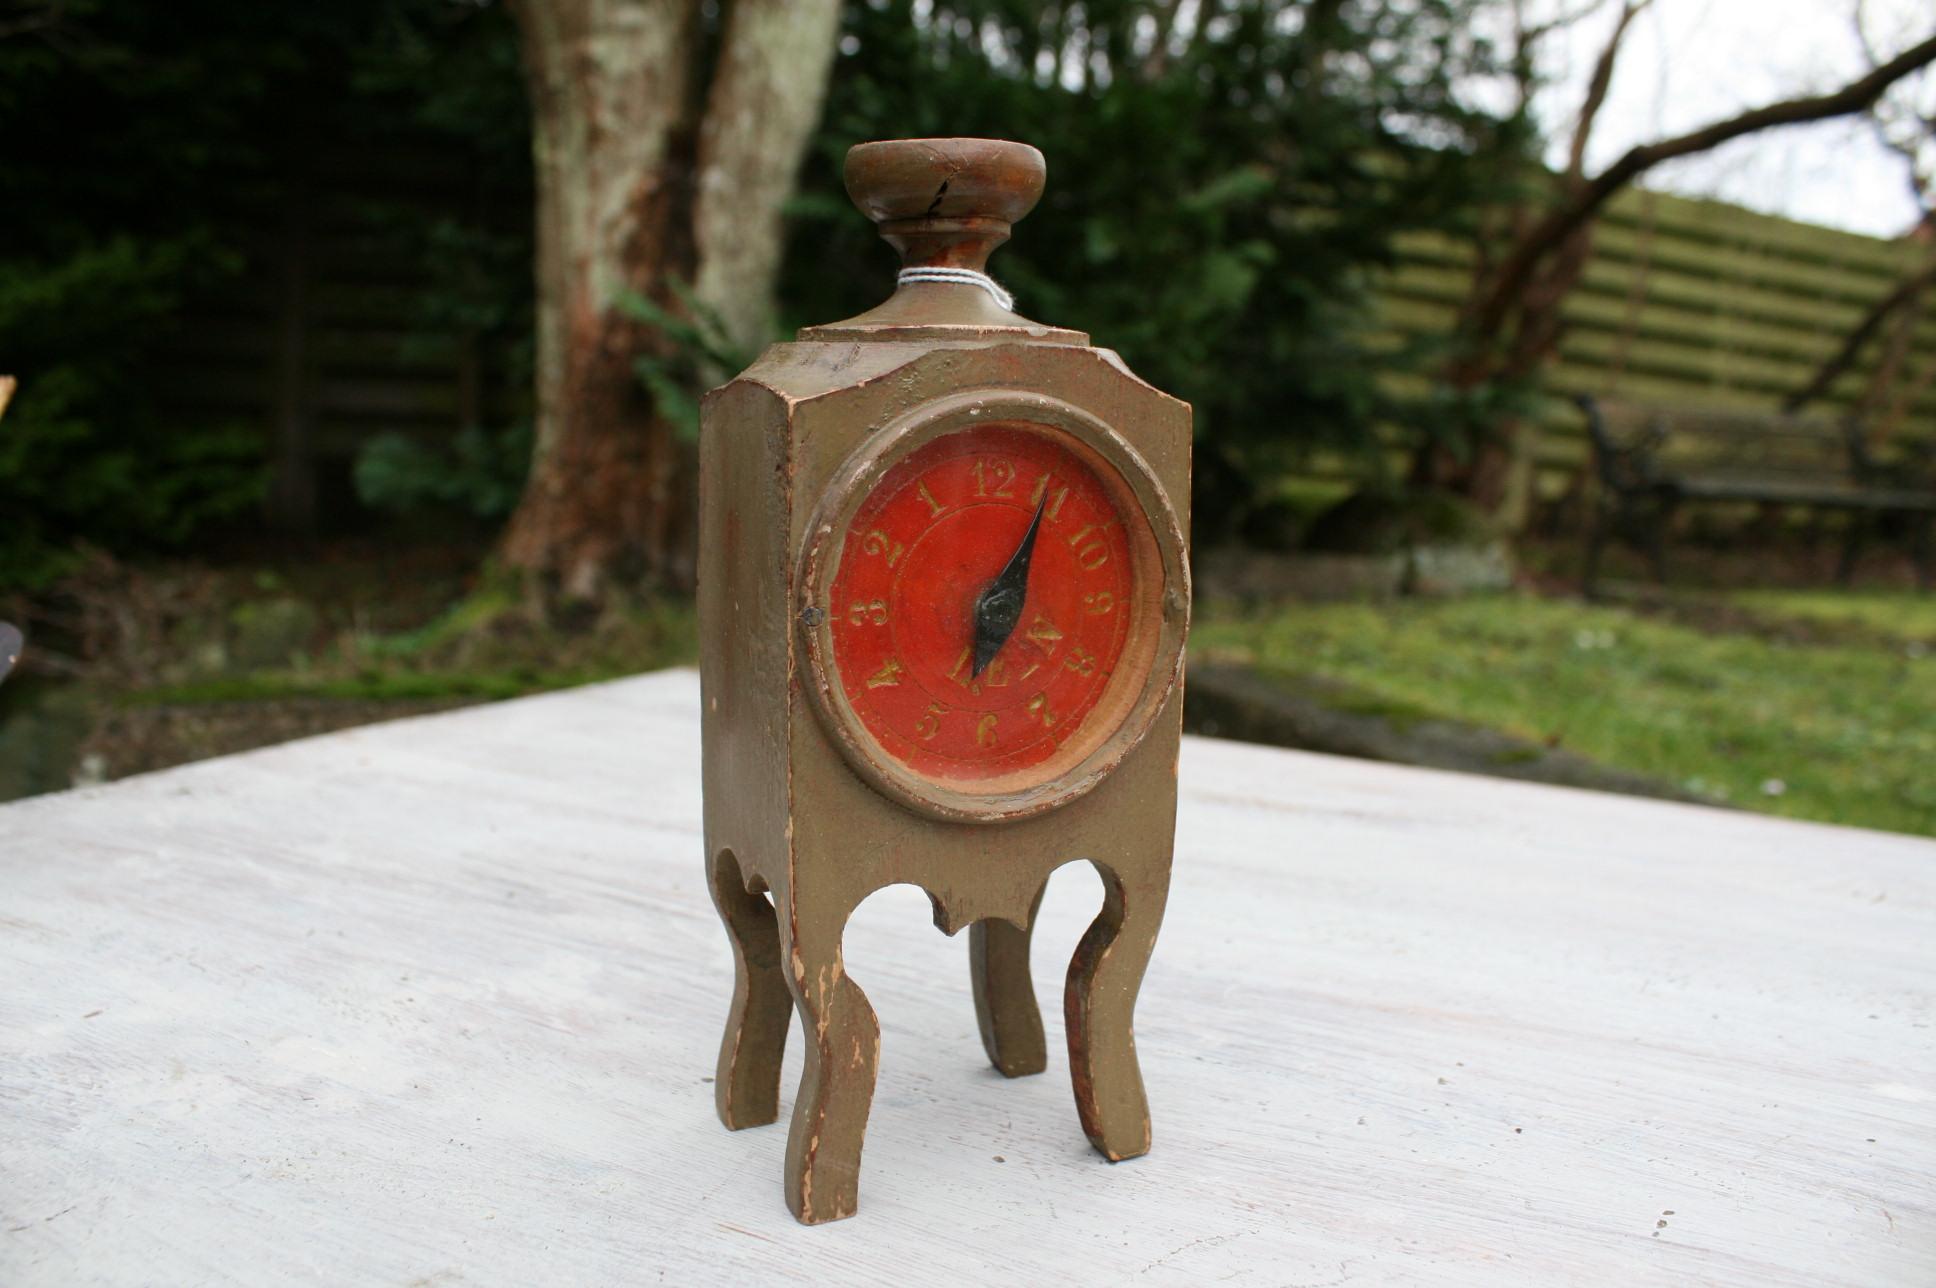 Antikt ur til at lære klokken på.